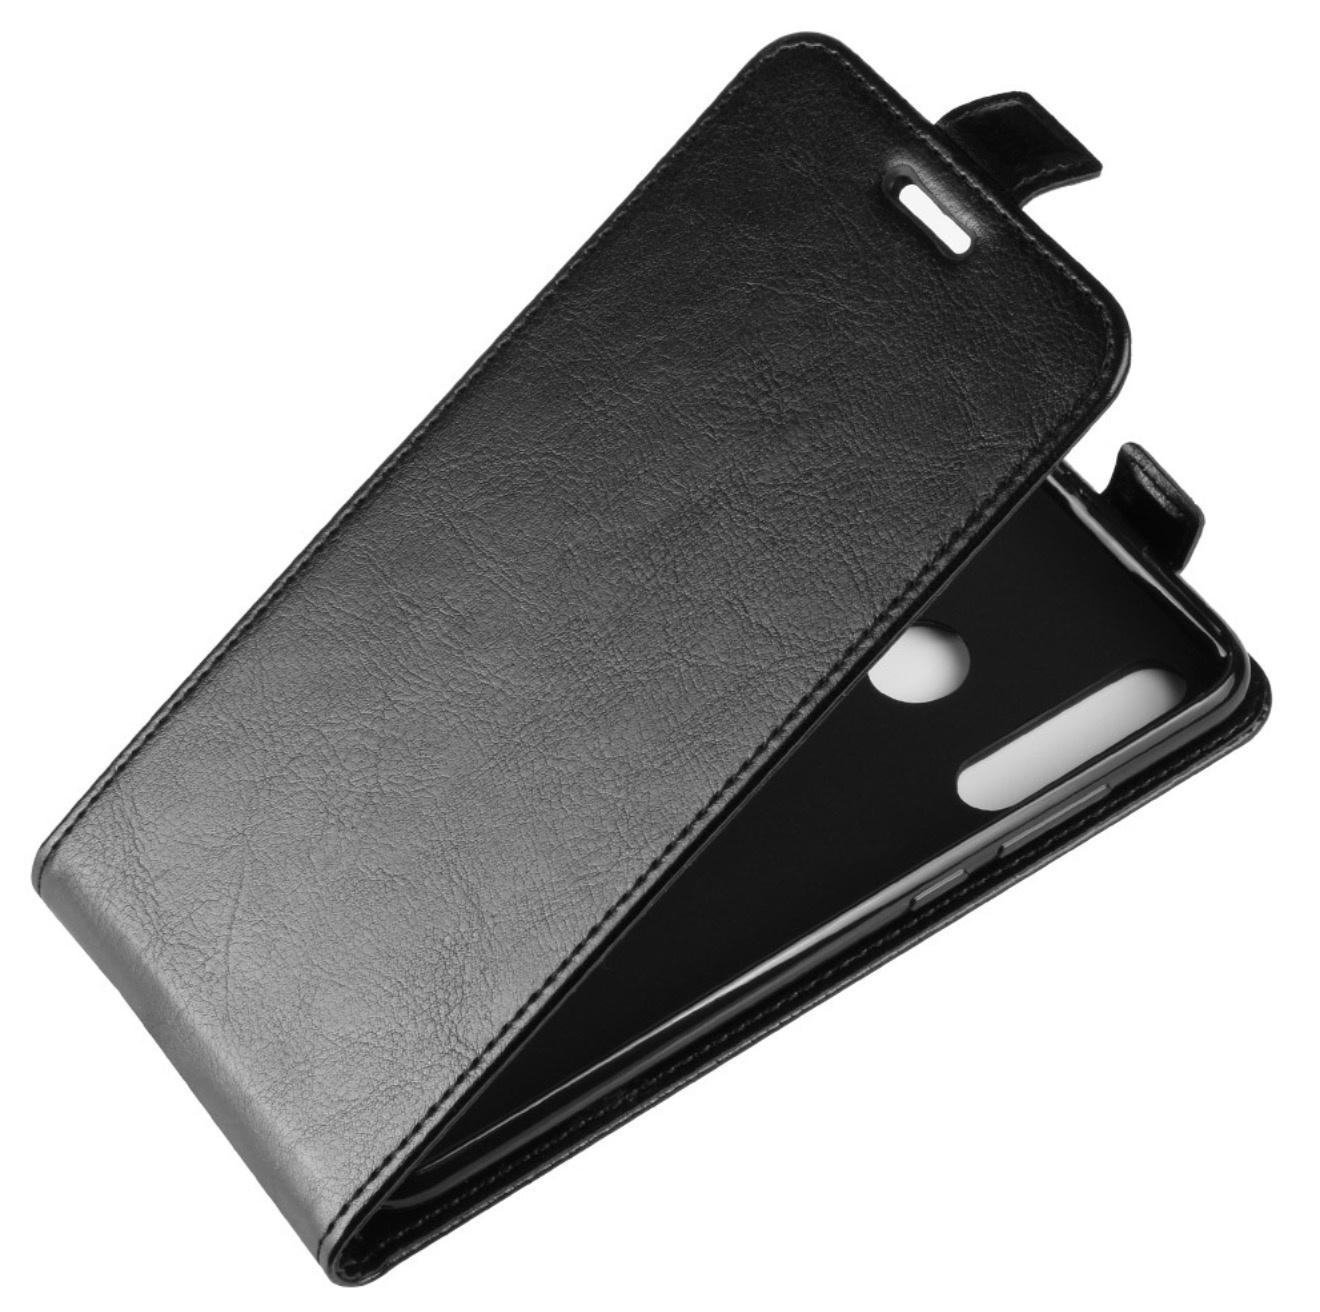 Чехол-флип MyPads для Cubot P20 вертикальный откидной черный